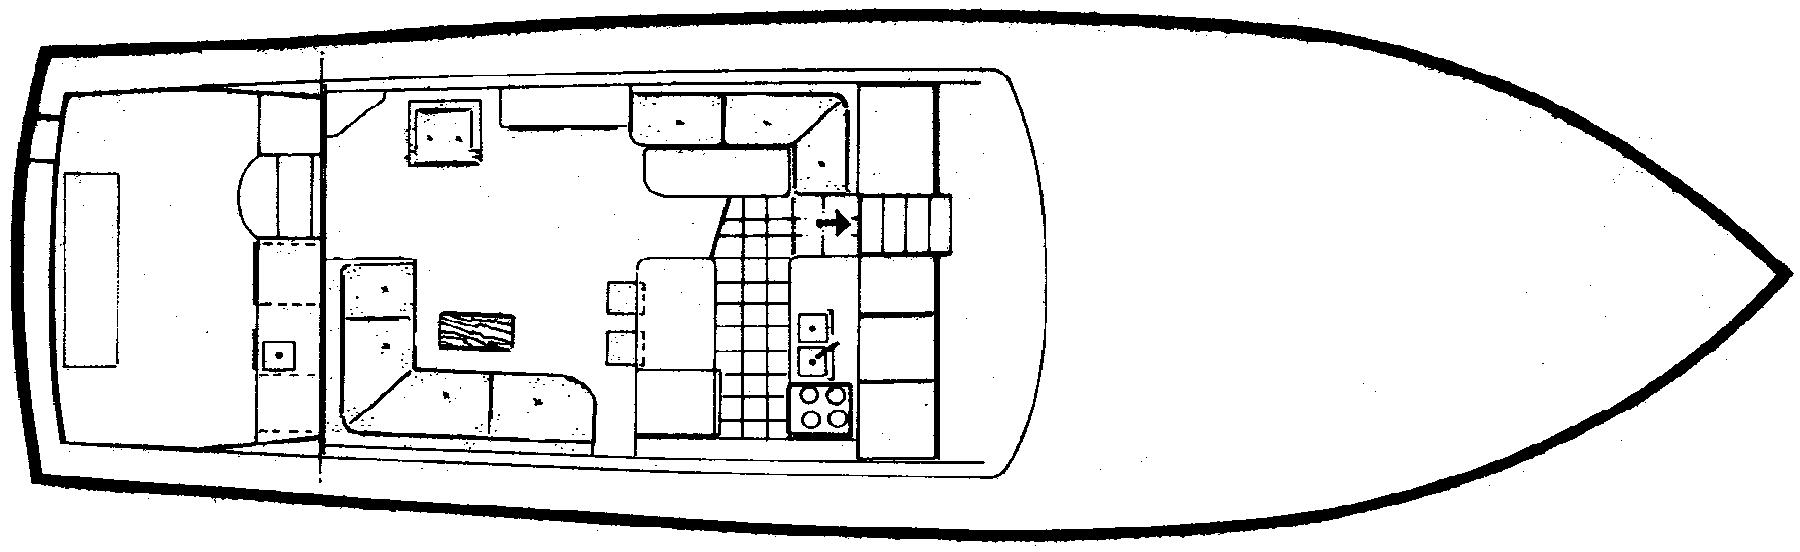 54 Convertible Floor Plan 2